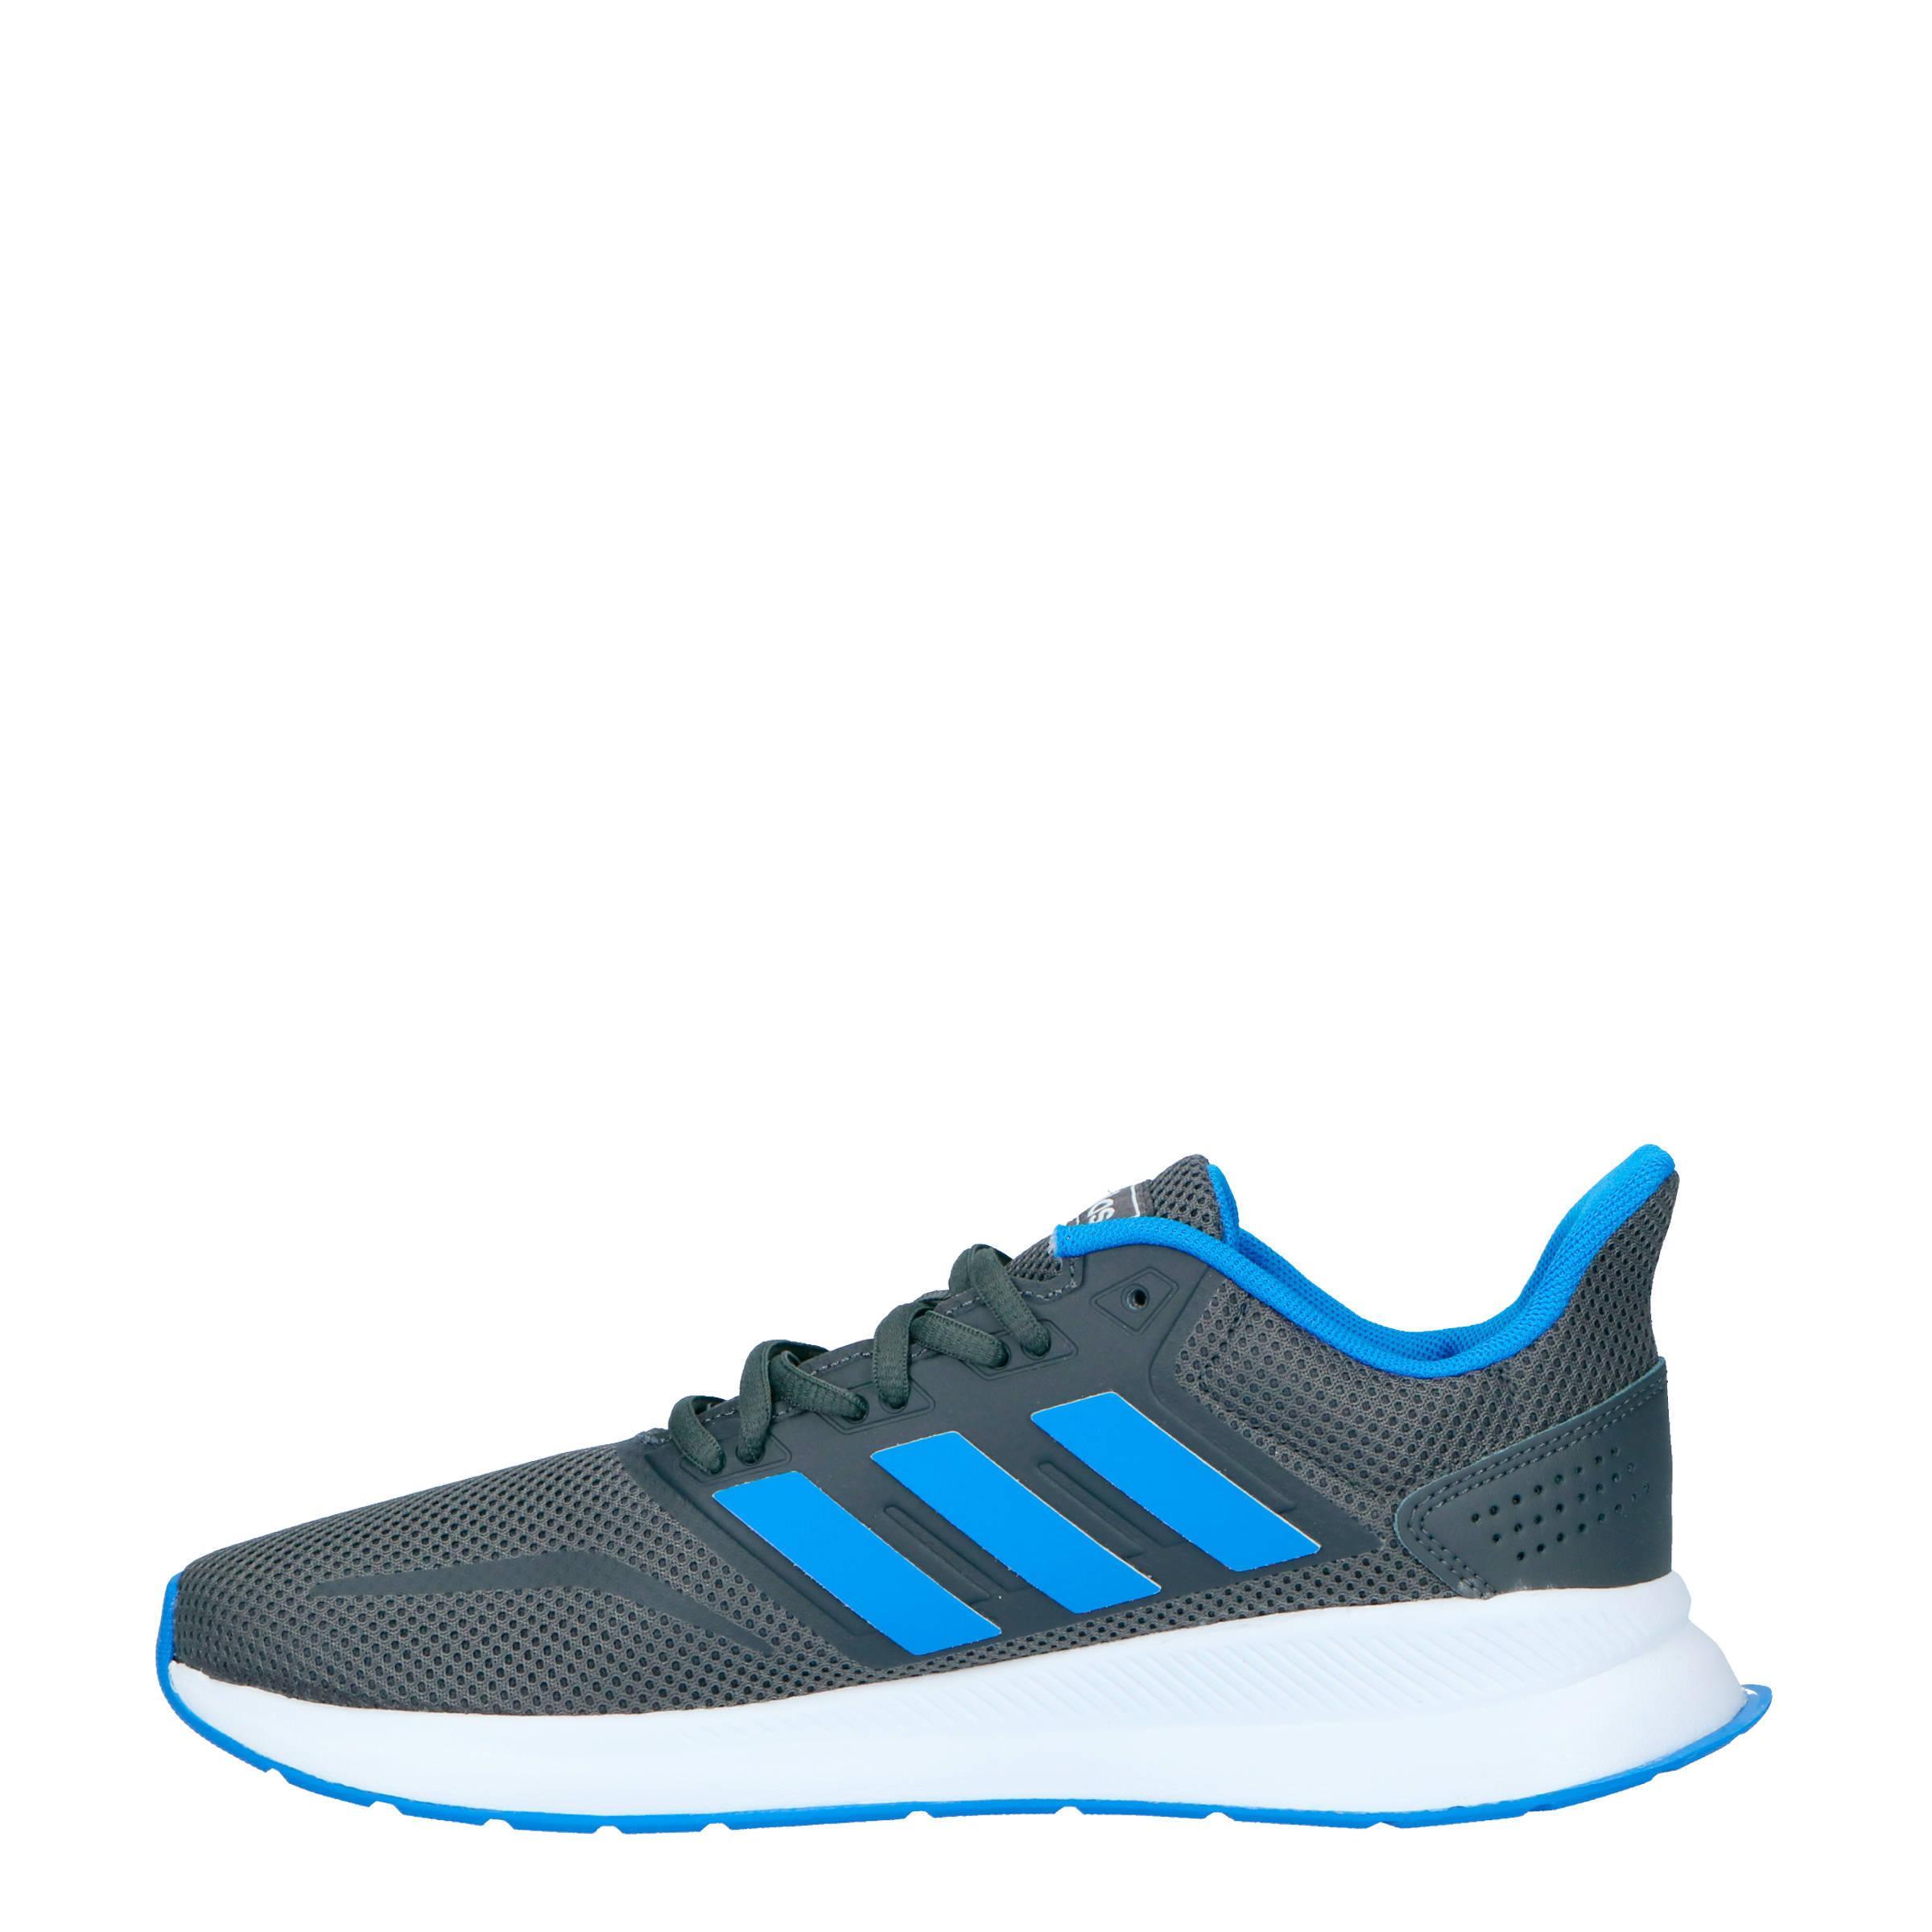 adidas Performance Runfalcon Hardloopschoenen Grijs/blauw in het Grijs voor heren